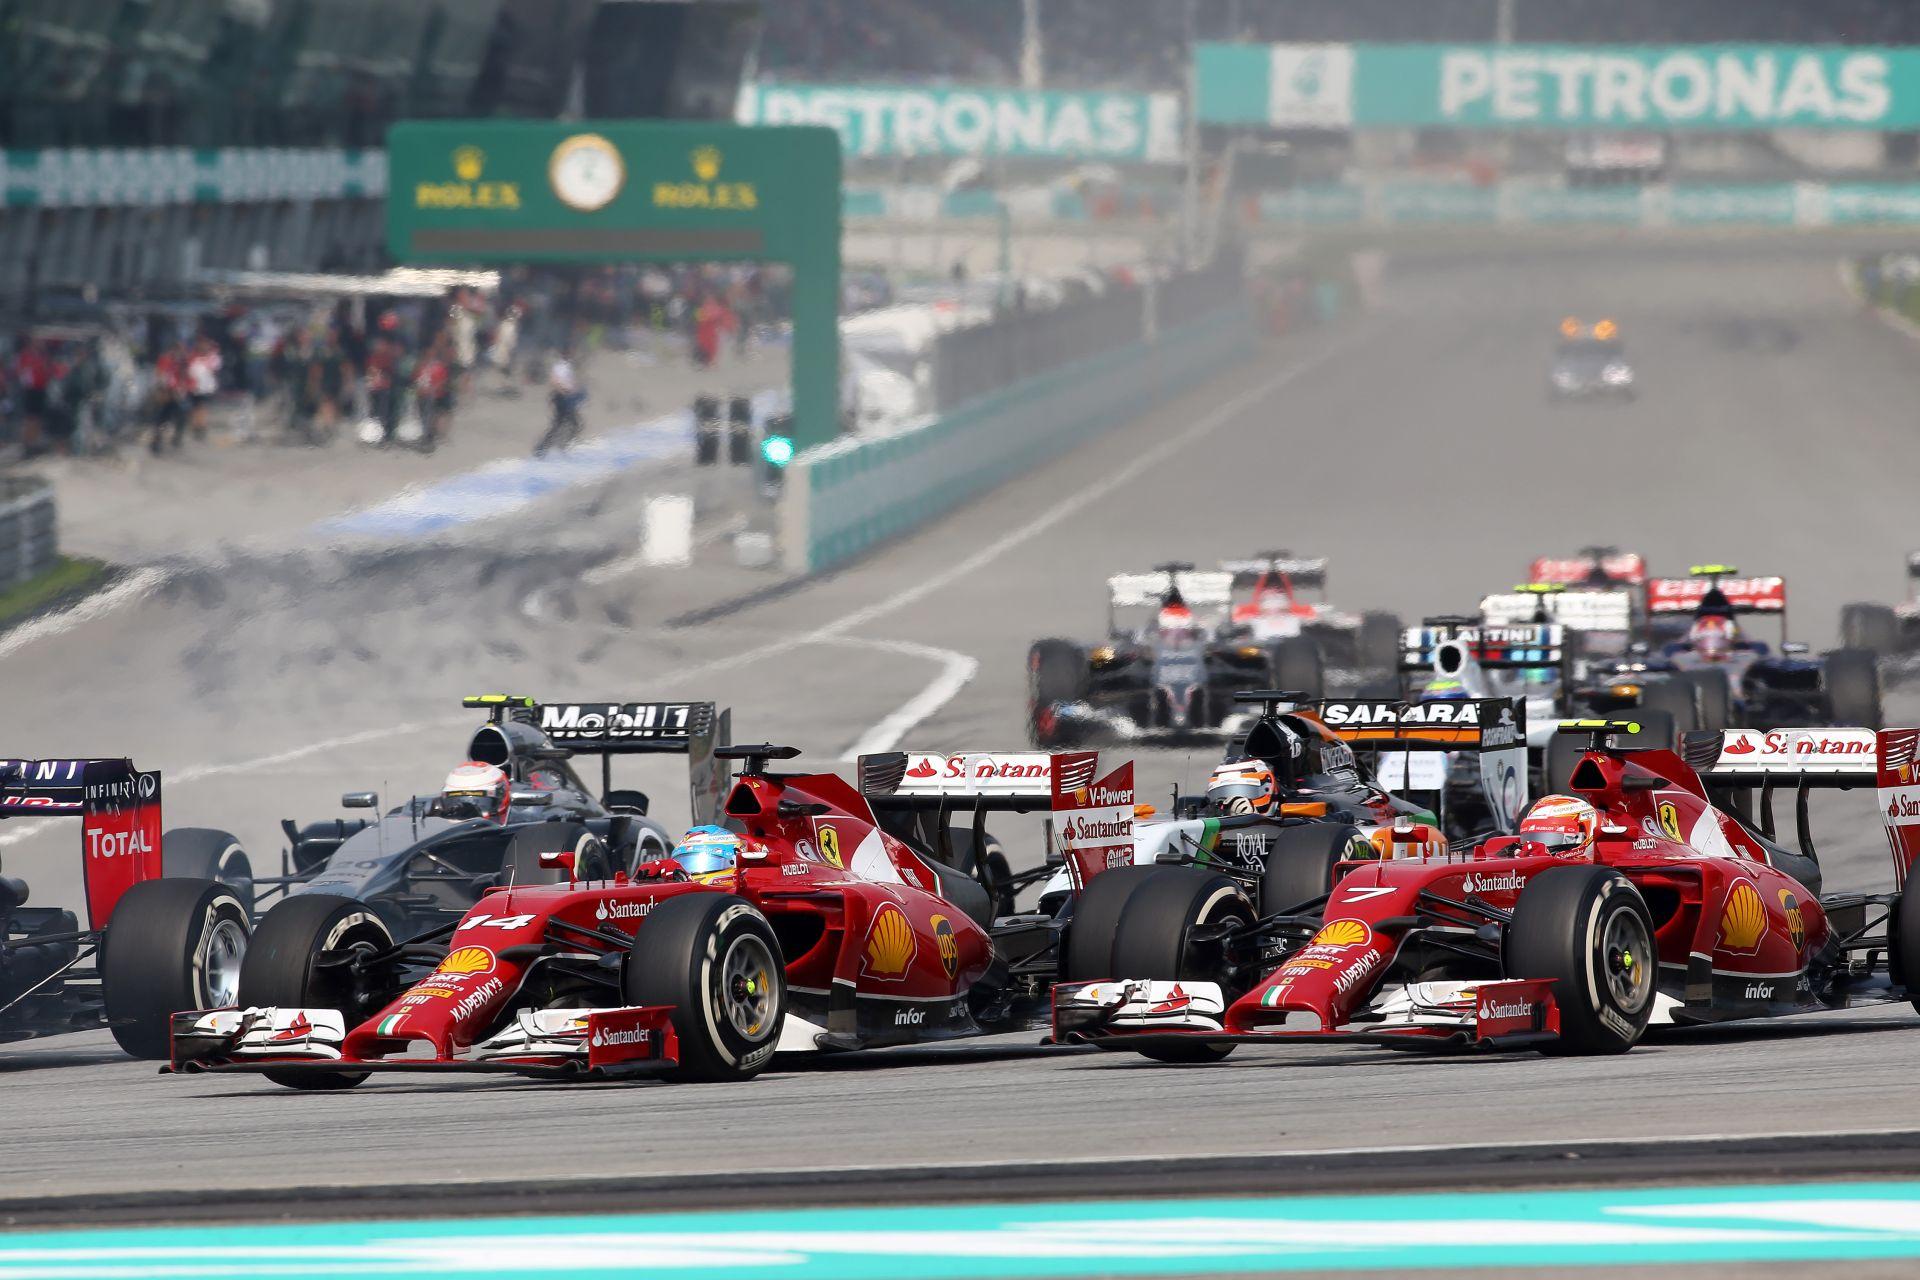 """Alonso kicsit odaszúrt a """"Jégembernek"""": Raikkönen előtt vagyok, szóval mindent jól csinálok!"""